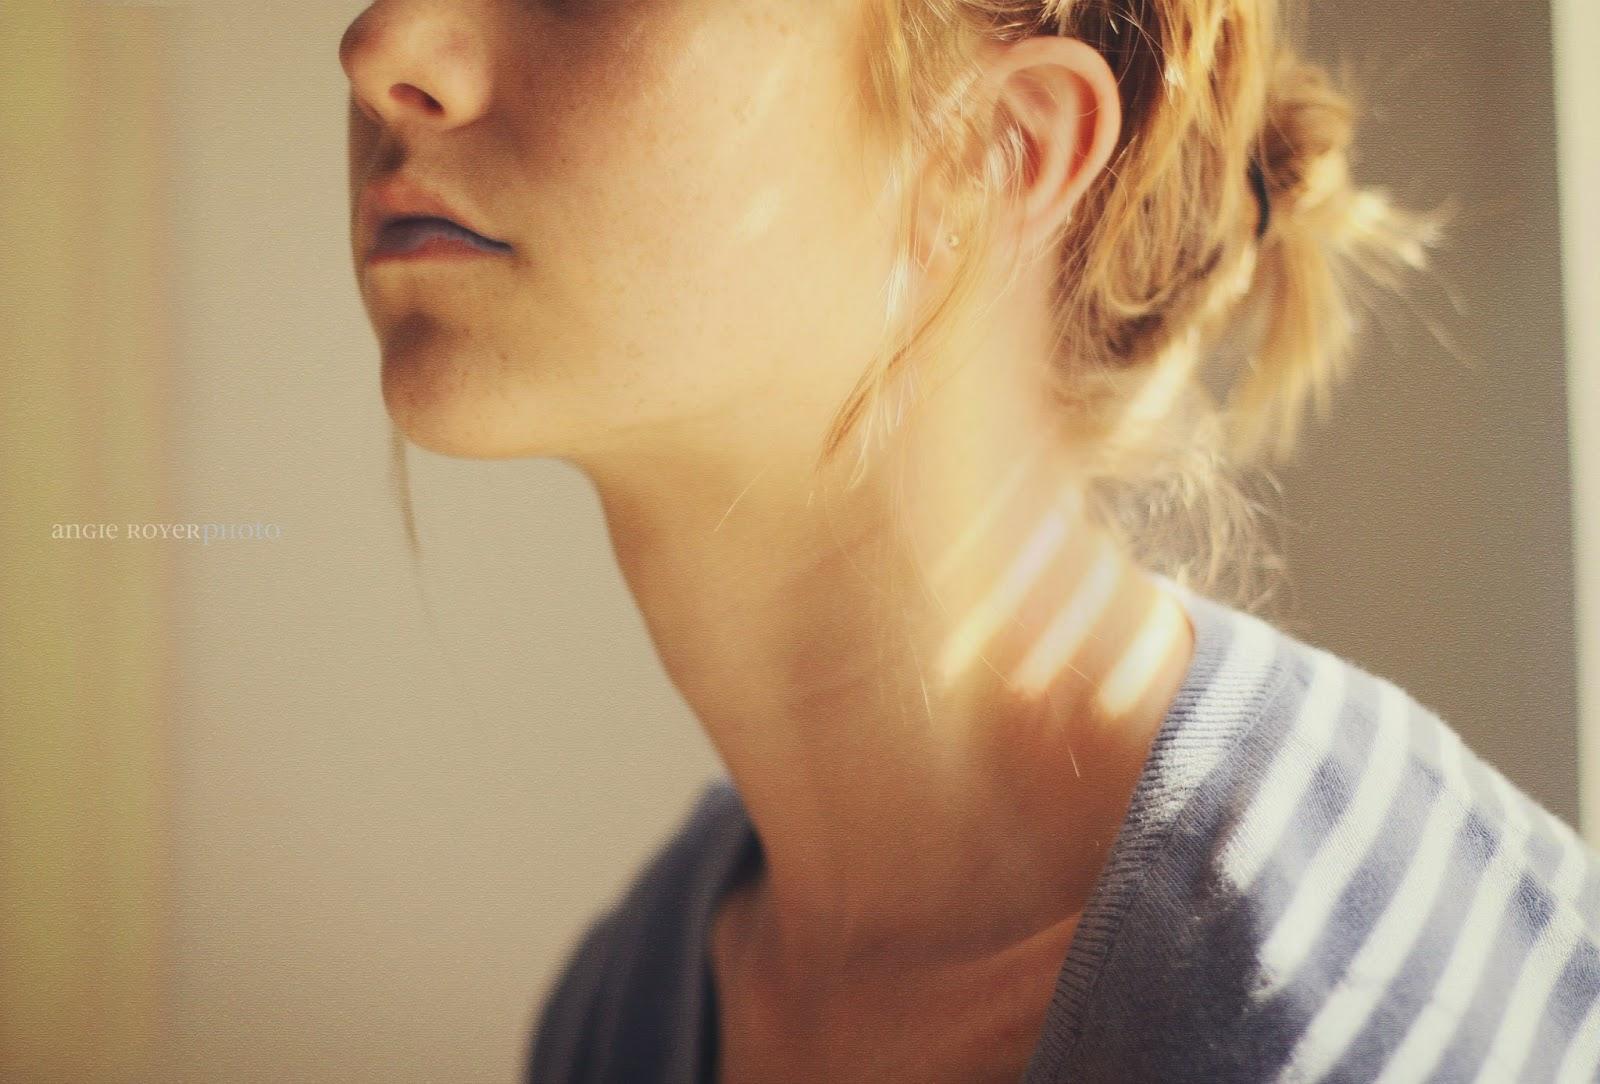 Cara mengobati dan mengetahui faktor penyebab radang tenggorokan Cara Mengetahui Penyebab dan Mengobati Radang Tenggorokan